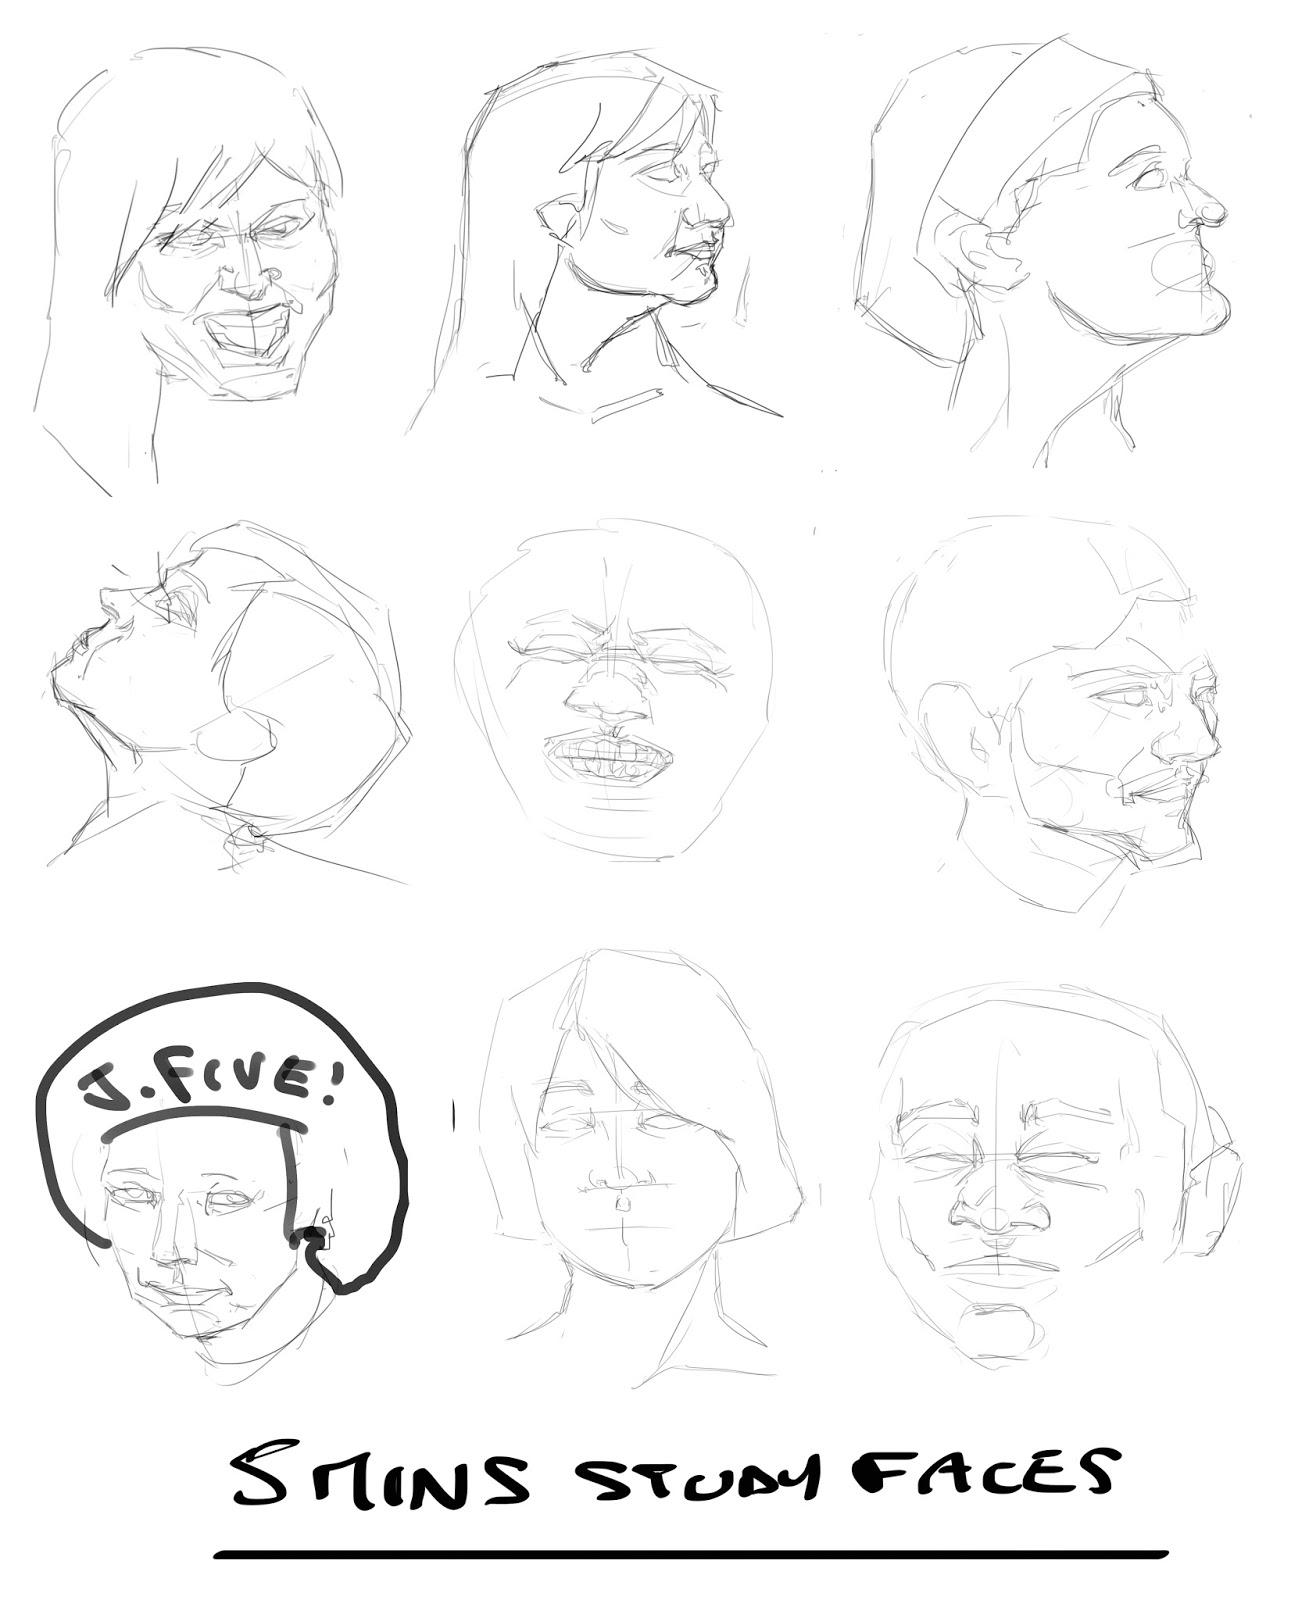 [SPOLYK] - Geometries & sketches 7